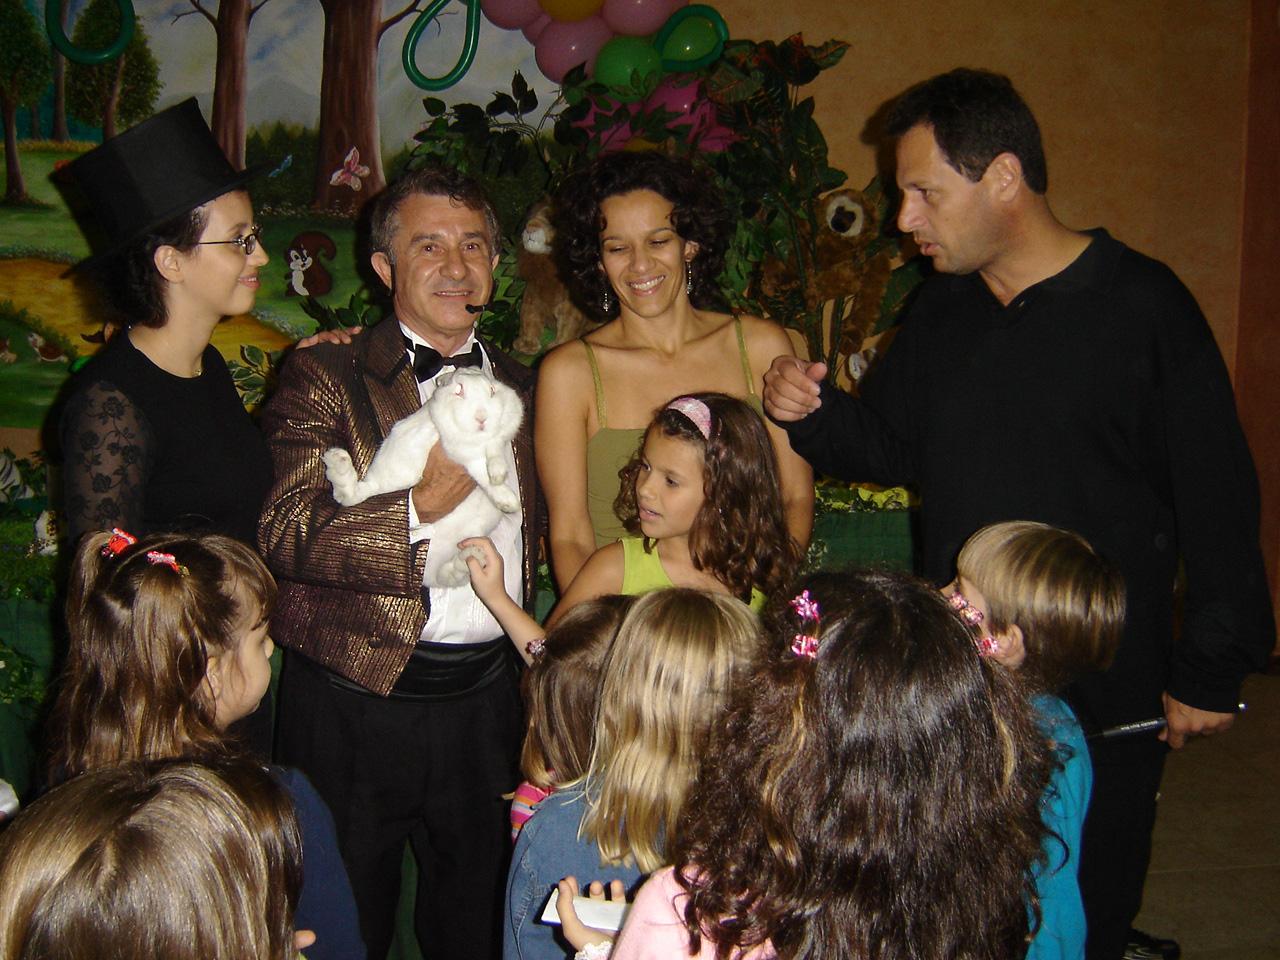 festa infantil (2)